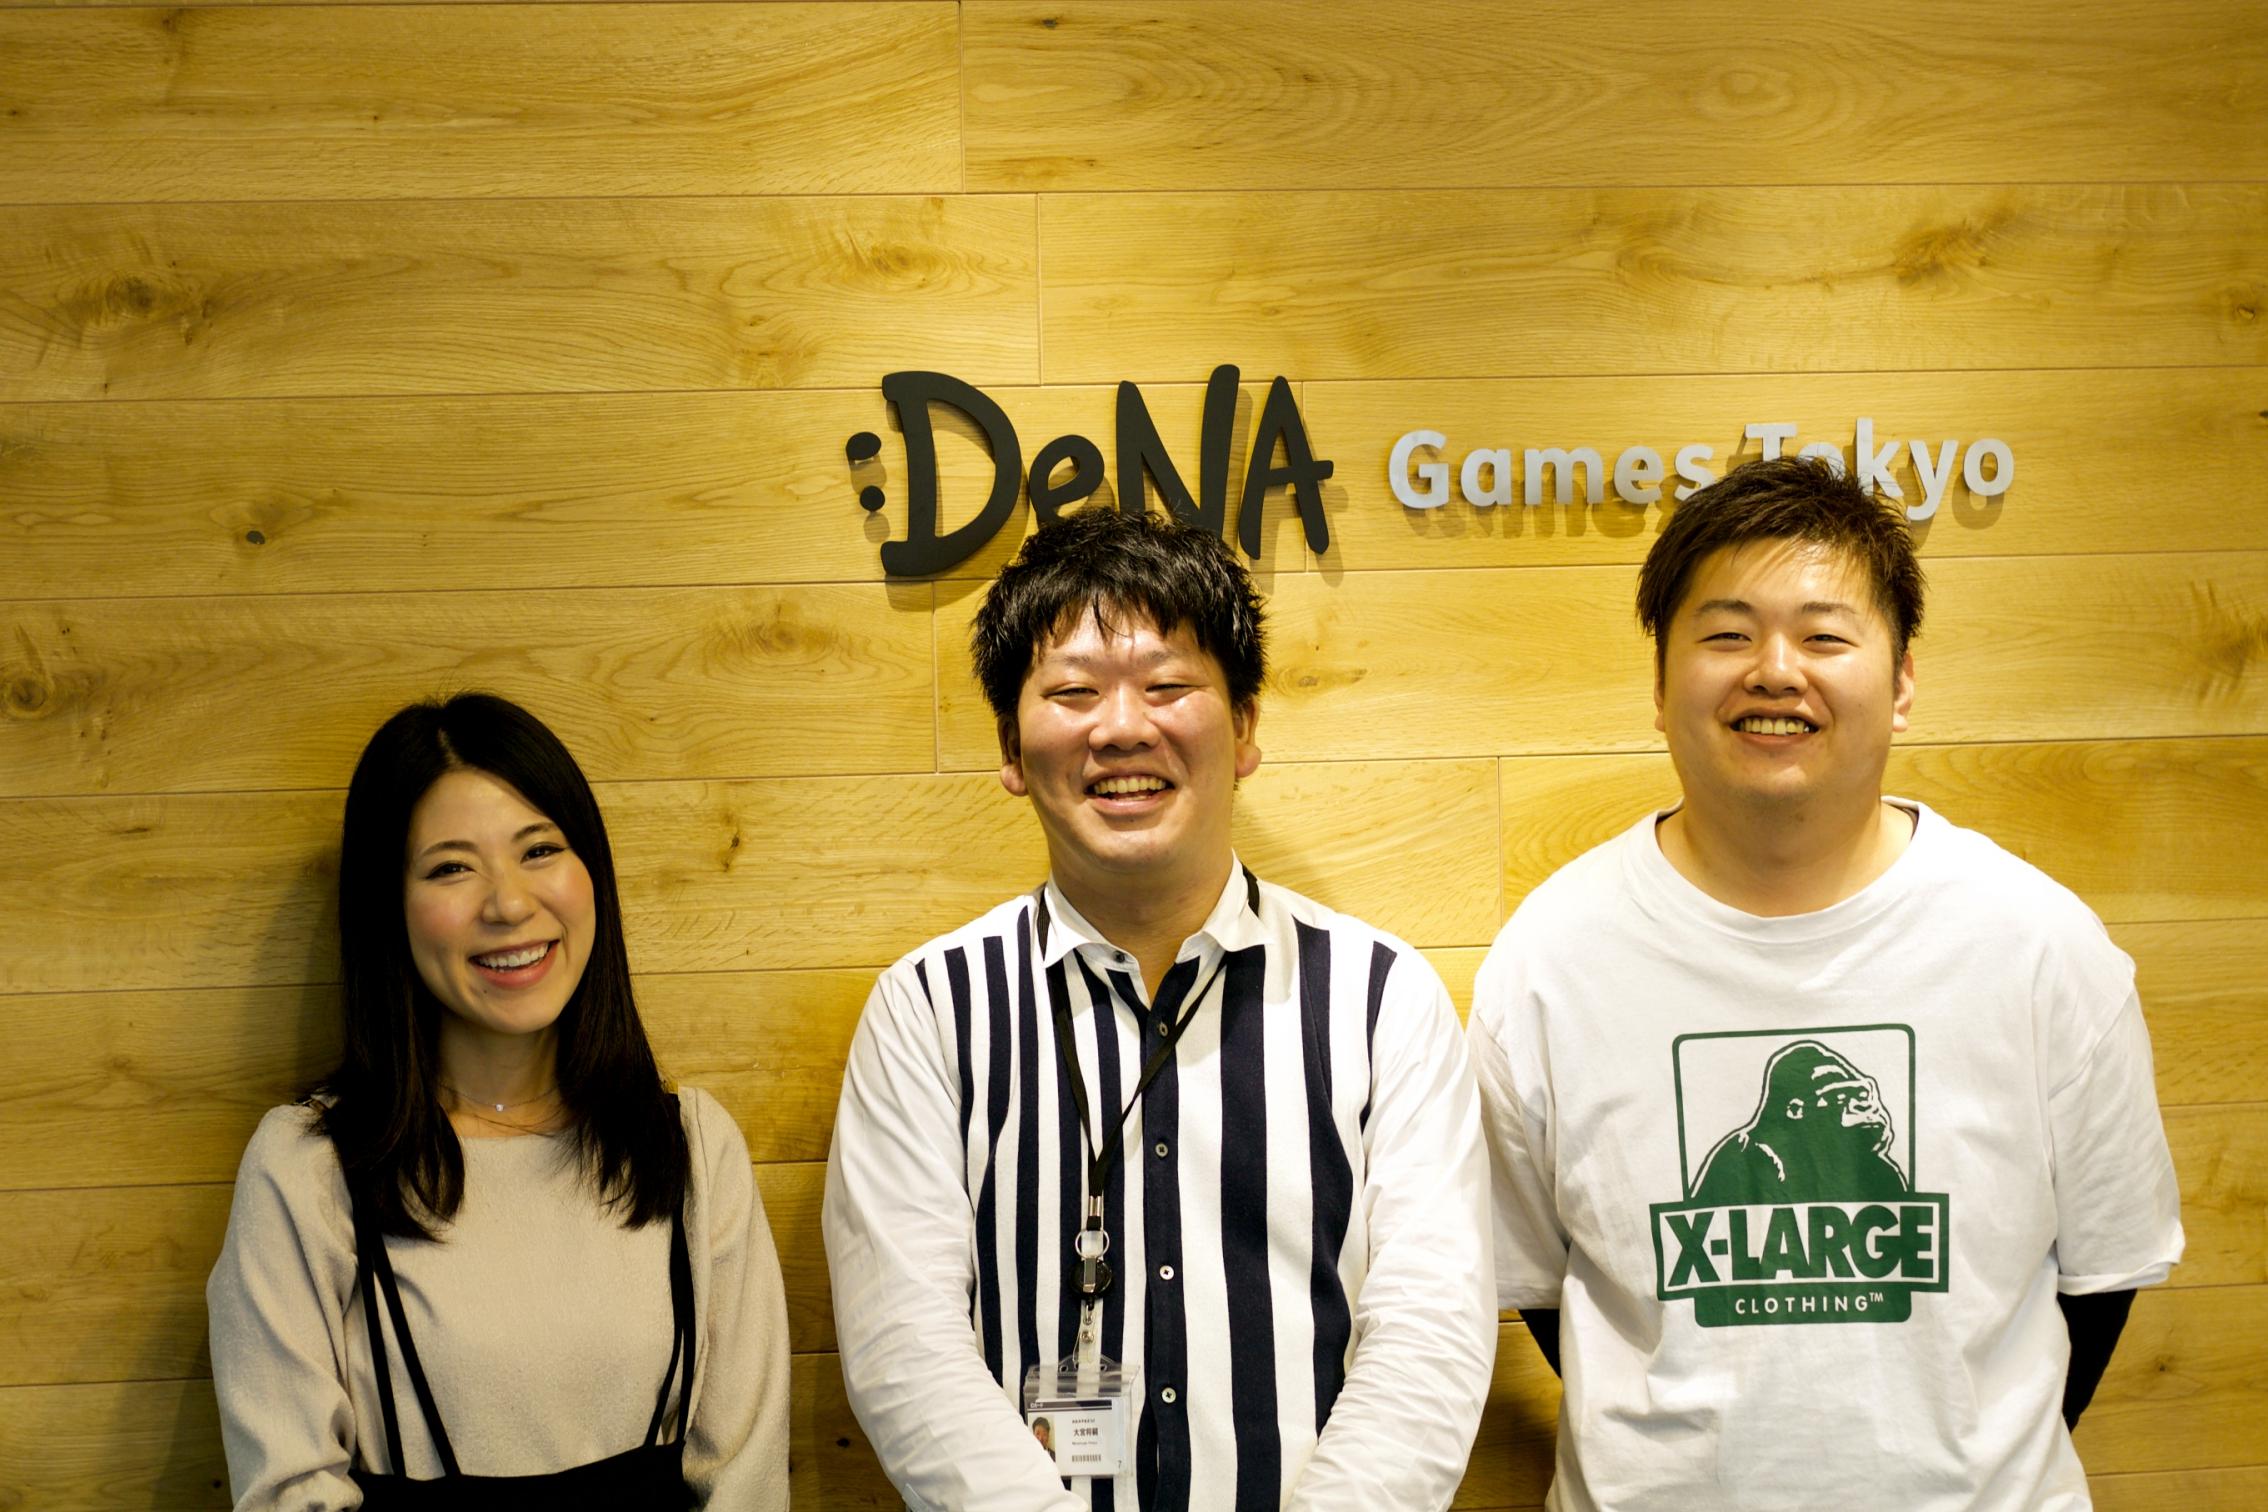 スカウトメールでは、候補者も企業もウソはつけない。DeNA Games Tokyoが感じたscoutyの価値